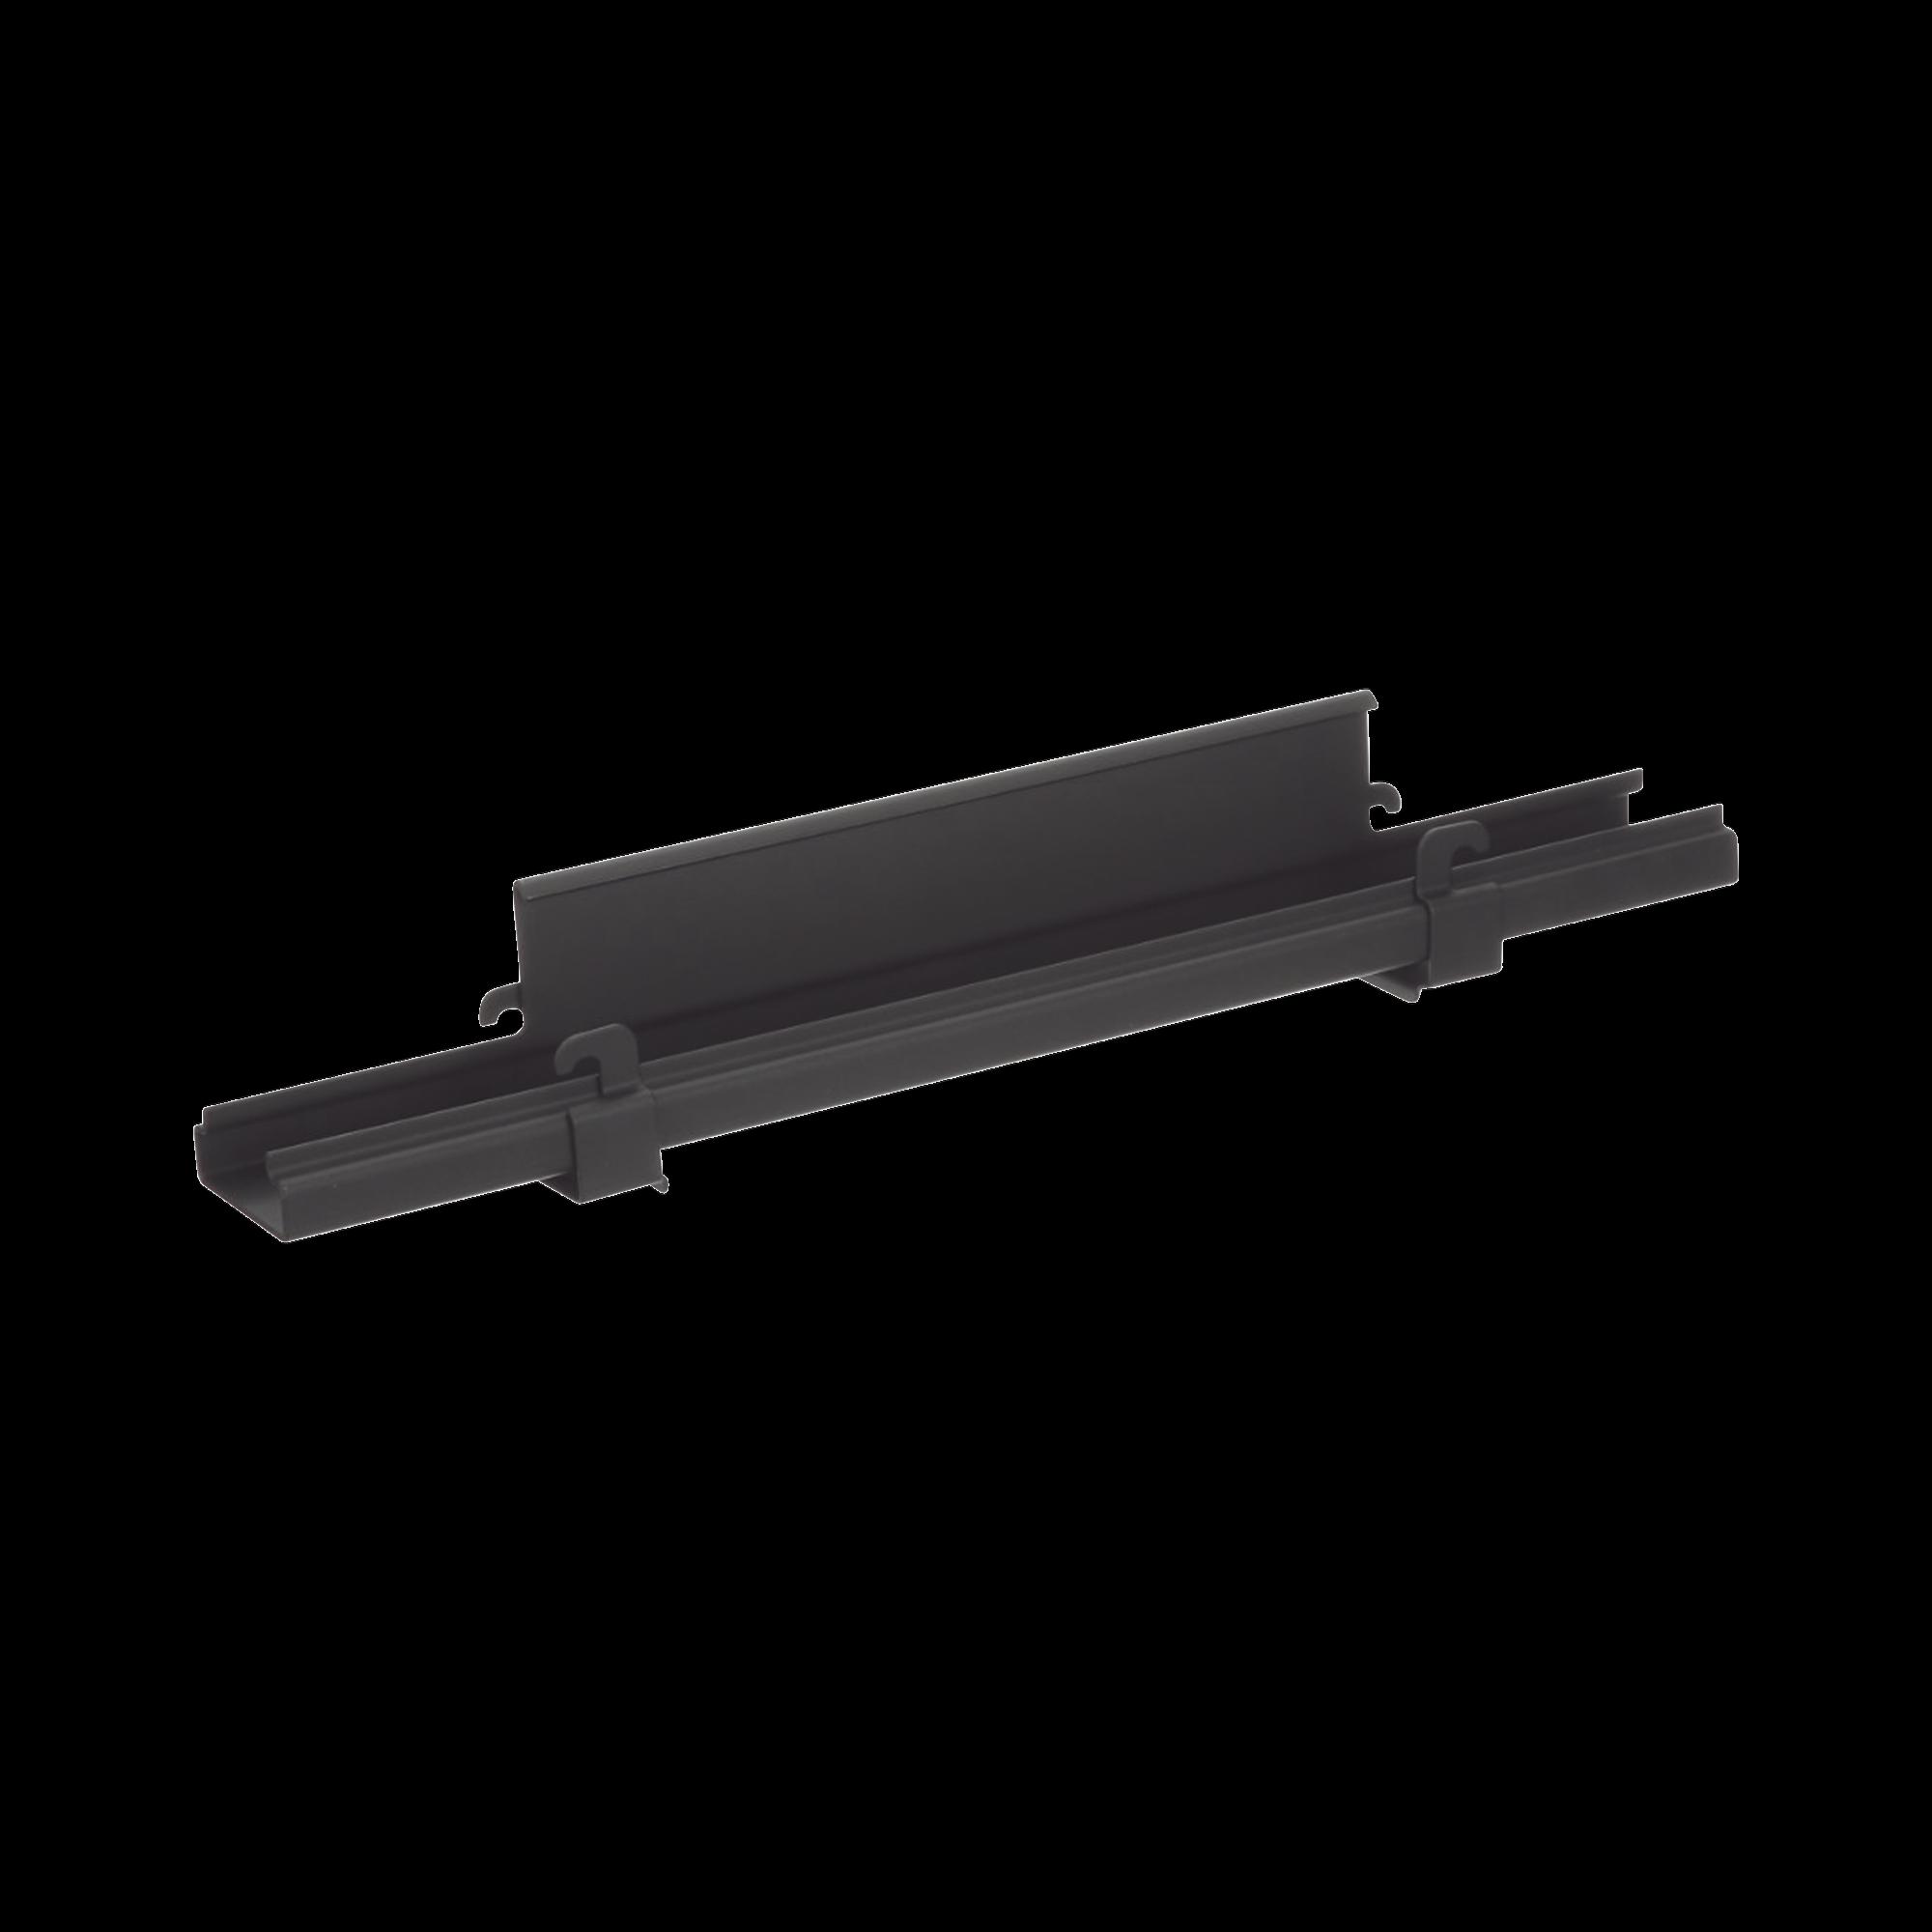 Soporte de Montaje a Techo Tipo Trapecio, para Charolas Wyr-Grid de 12 in (304.8 mm) de Ancho, Uso con Varilla Roscada de 1/2, Color Negro